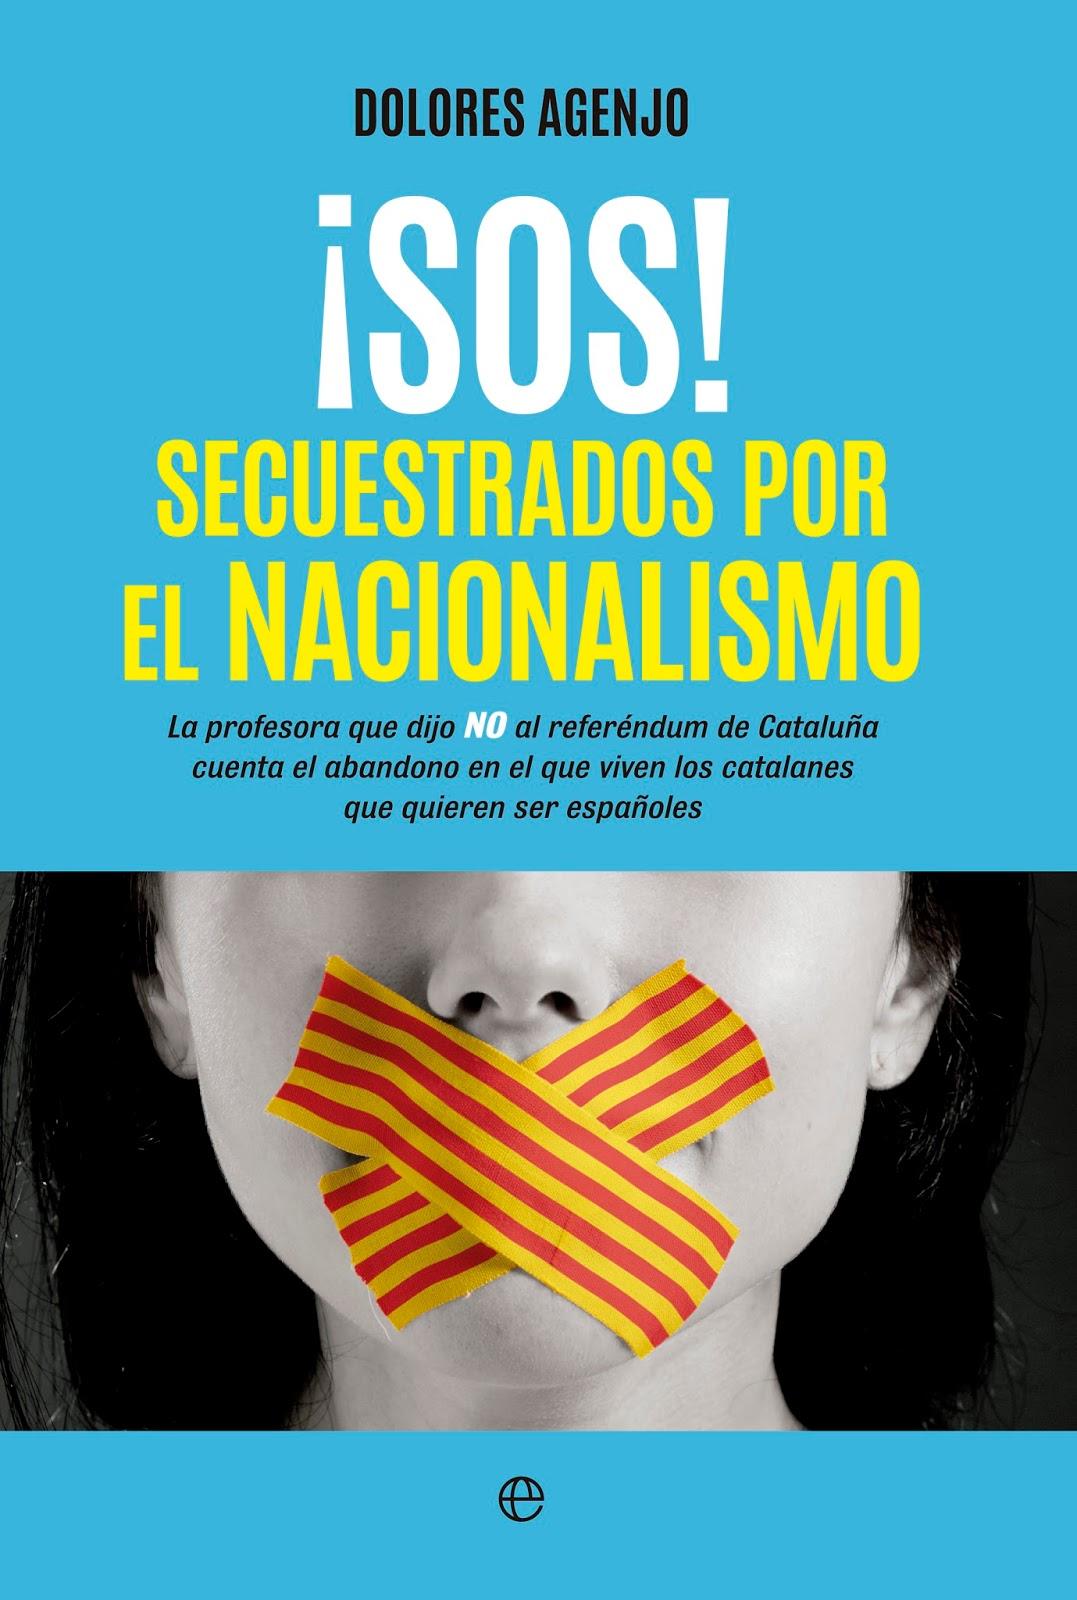 El 9 de noviembre de 2014, día en el que se había convocado la consulta  ilegal sobre el futuro de Cataluña, Dolores Agenjo, entonces directora de  un ...